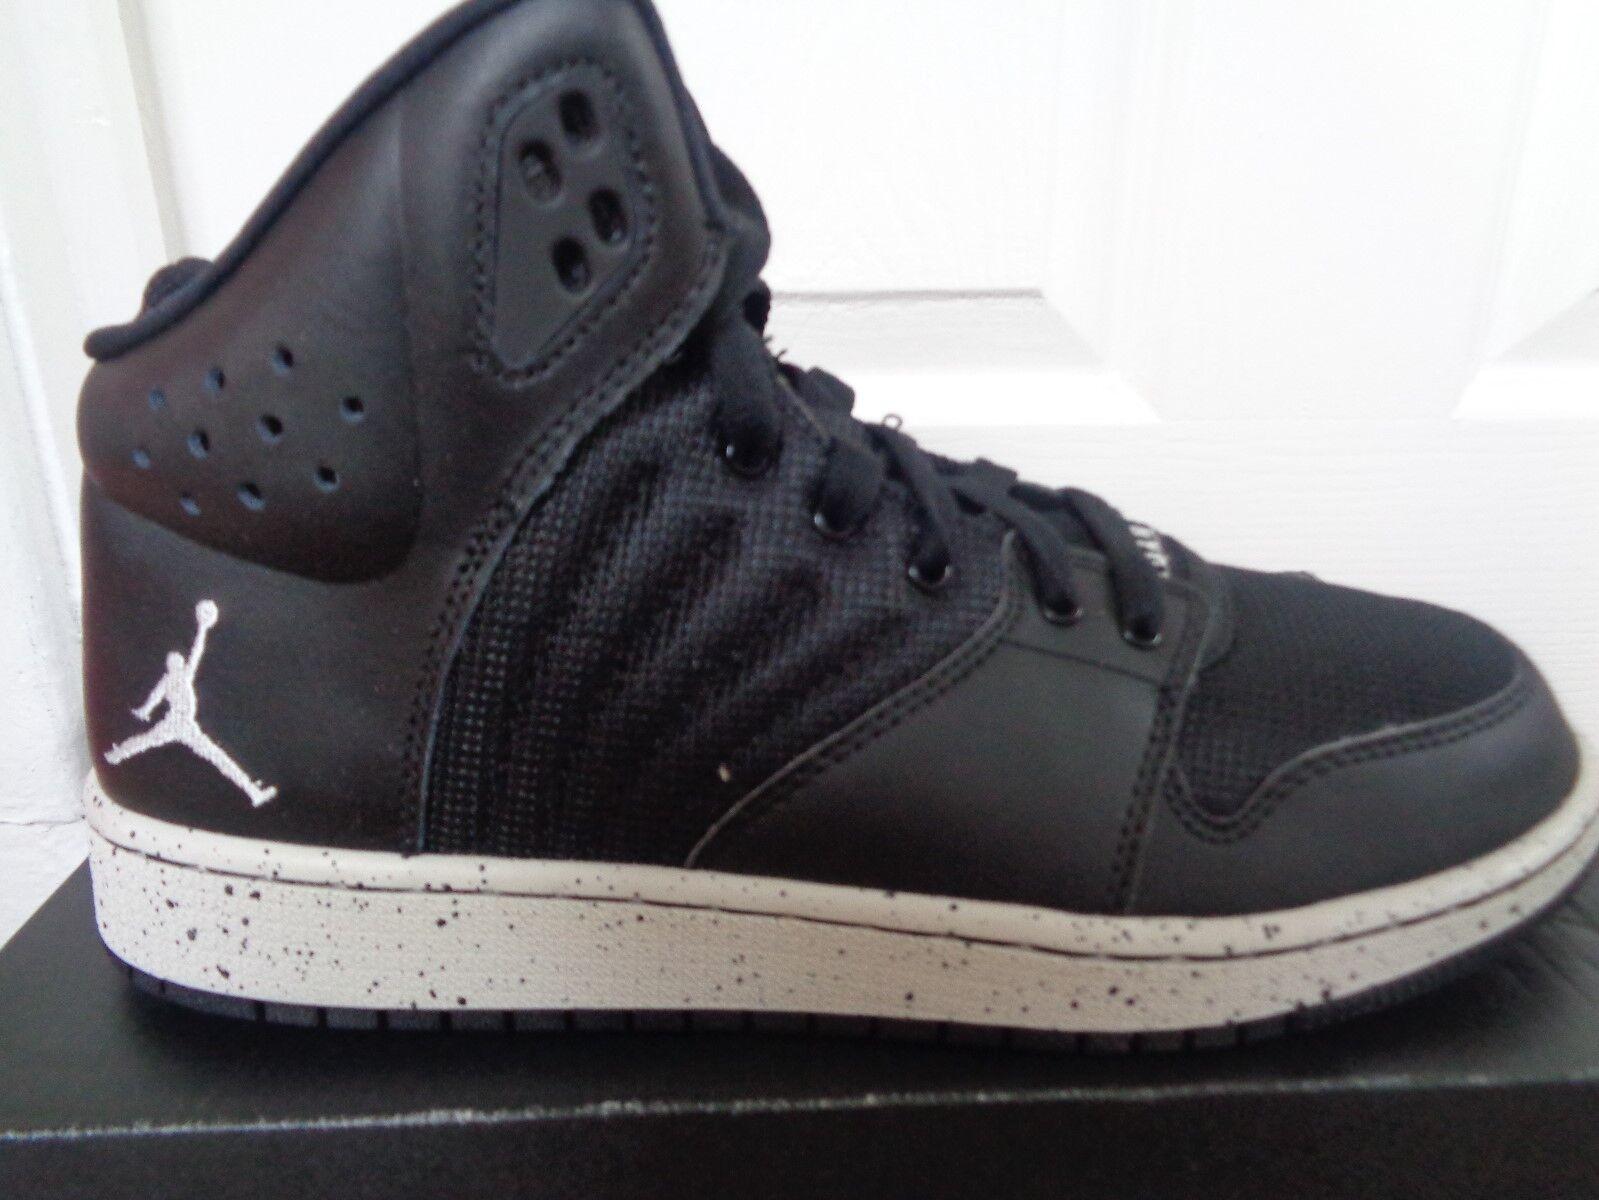 4a51bc5c6b35cd Nike Jordan 1 Flight 4 Prem BG Hi Top Trainers 828237 SNEAKERS Size ...